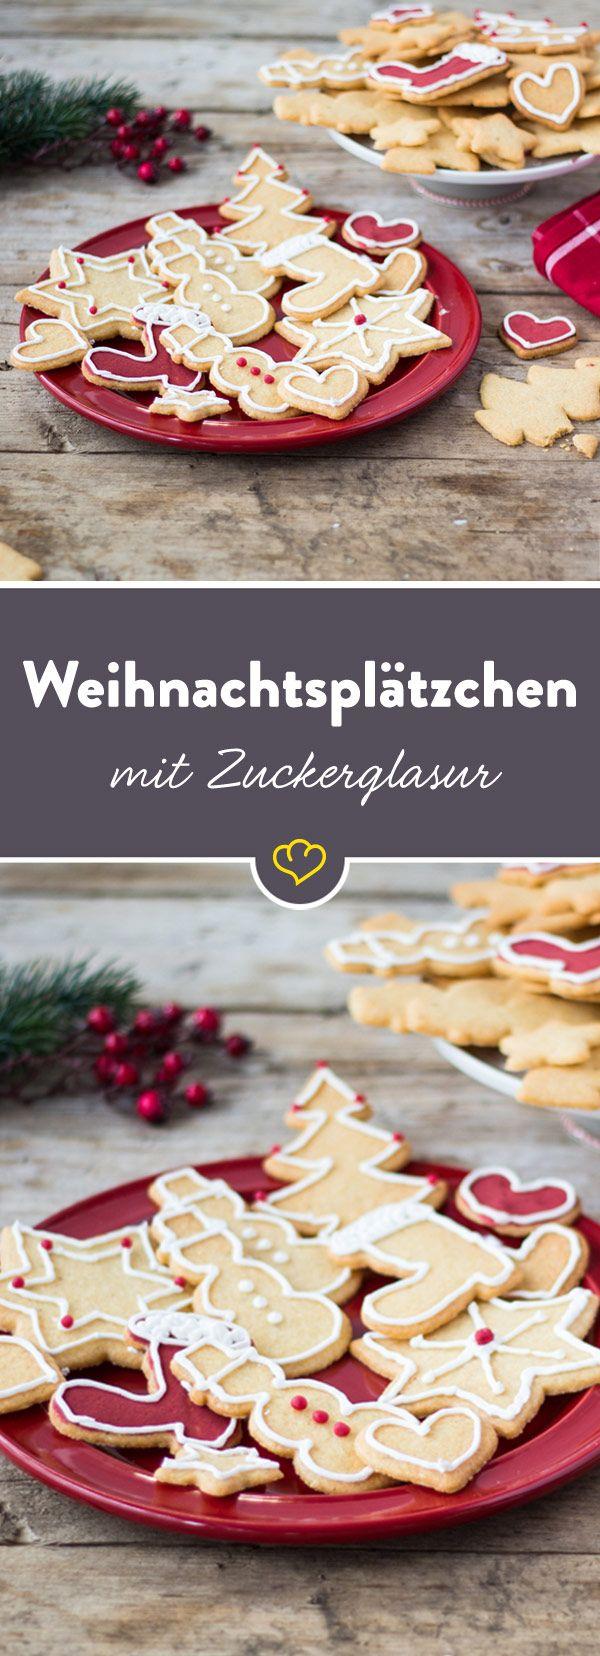 Winterwelt und Weihnachtszeit stehen vor der Tür. Und was wäre diese Zeit ohne den Duft von frisch gebackenen Weihnachtsplätzchen?!